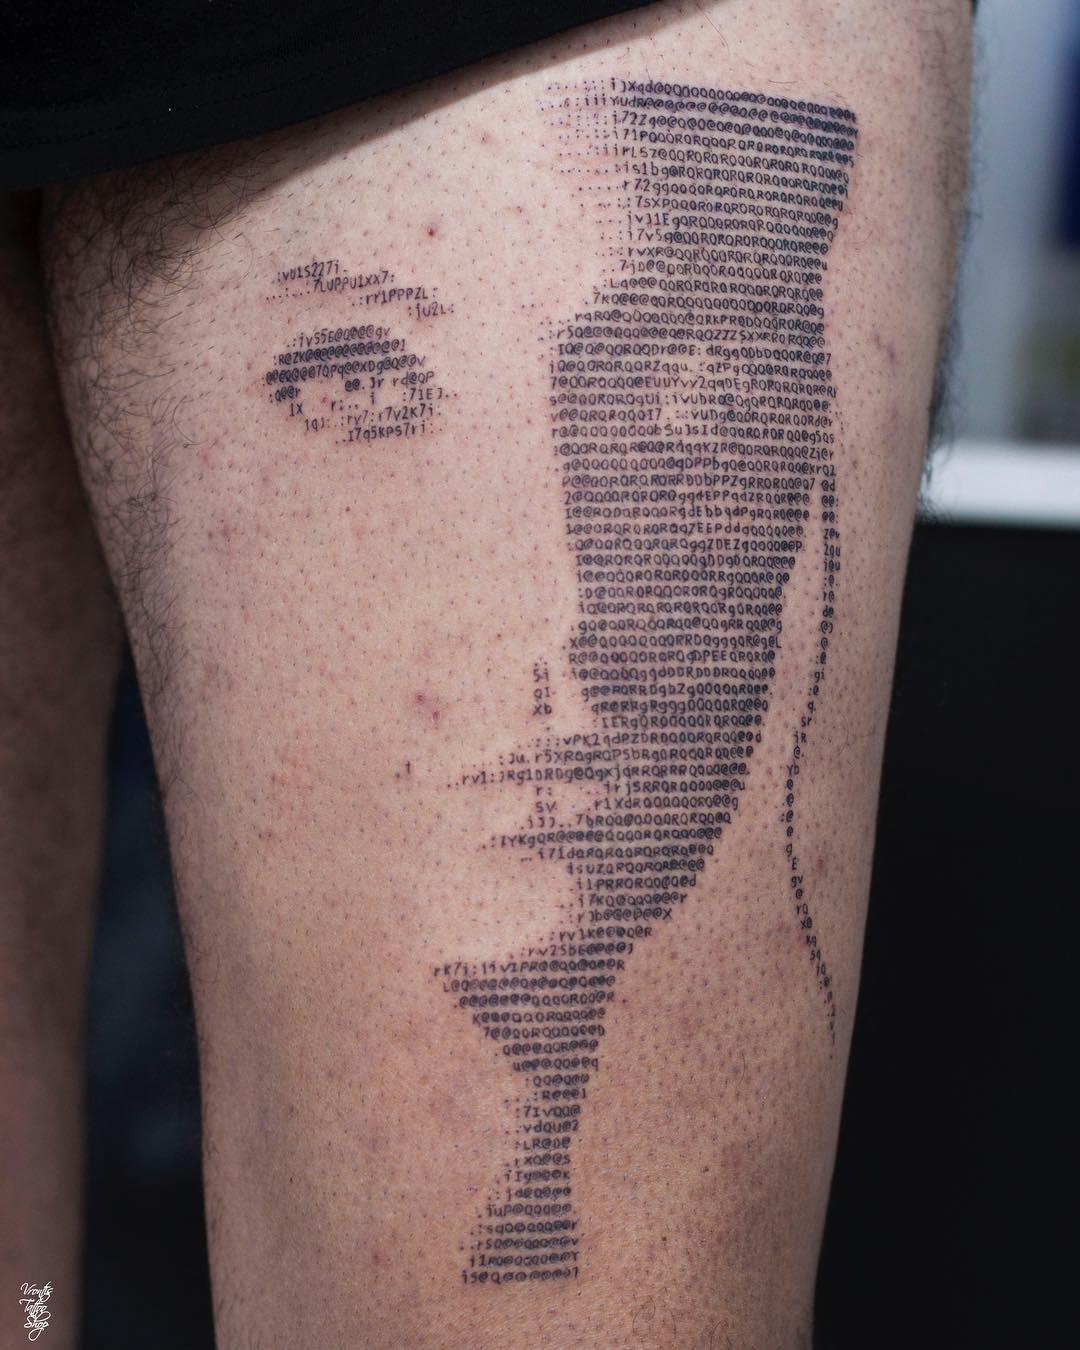 Nastyplace Org Road Viaje Con Madrastra Porn galería de tatuajes en código ascii – 3memes